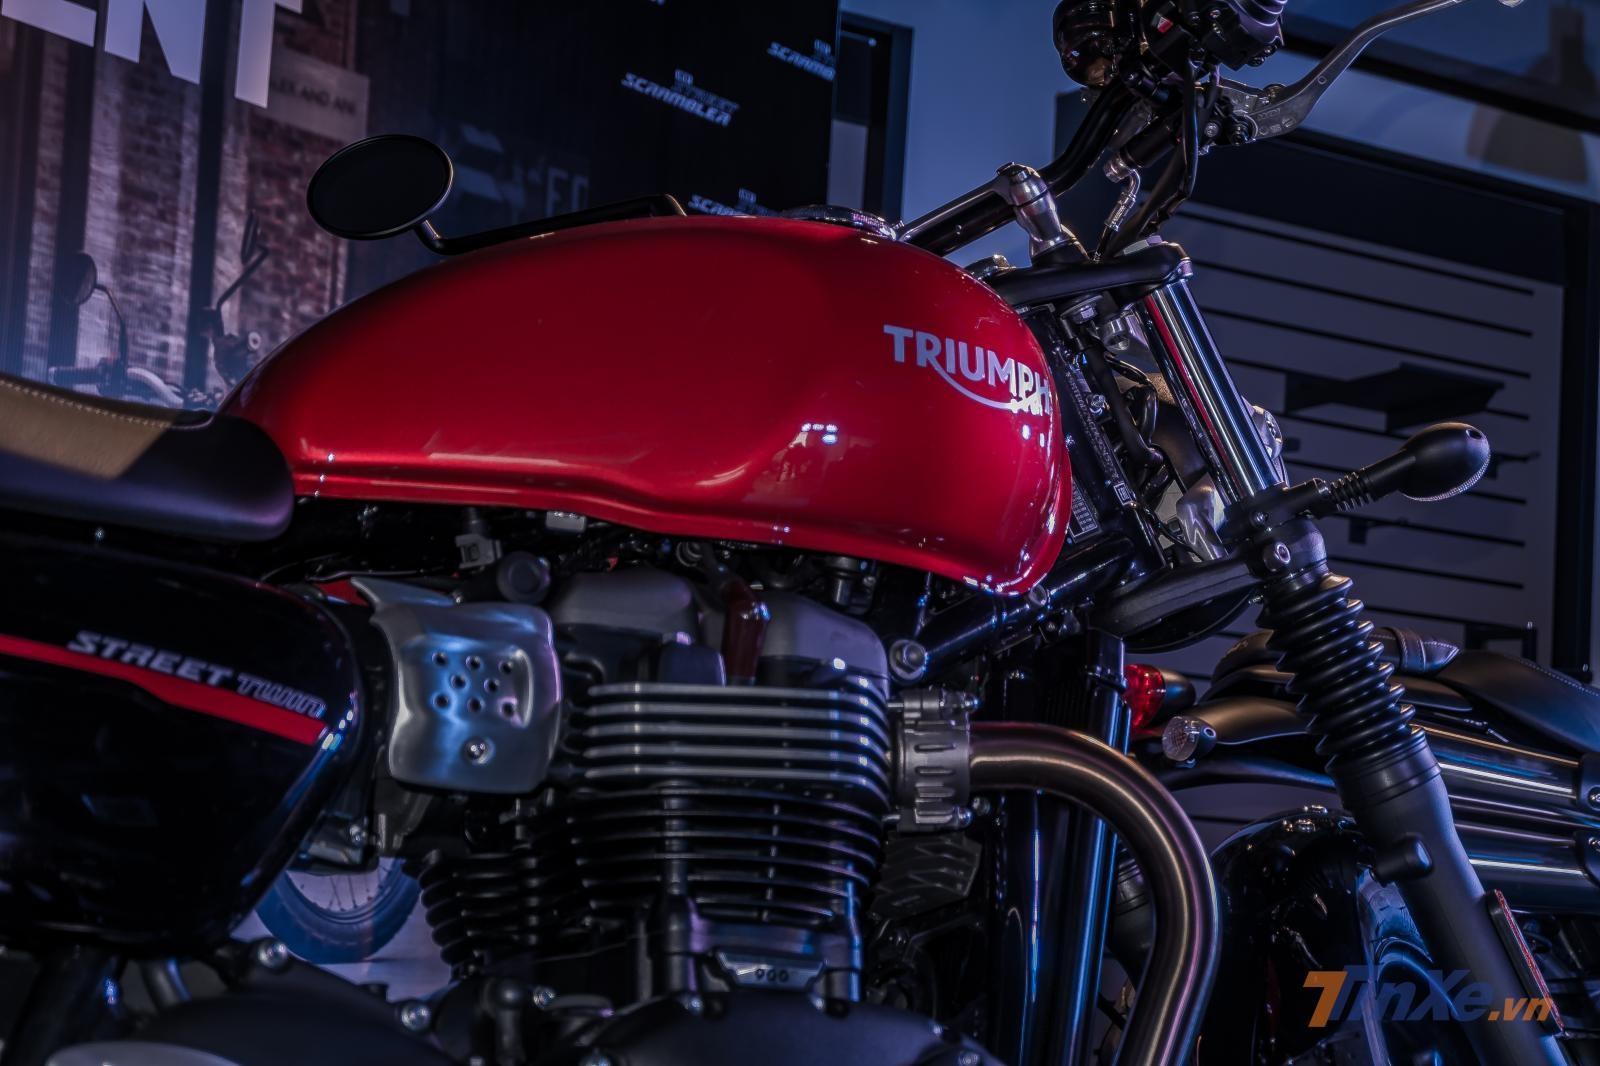 Bình xăng trên Triumph Street Twin 2019 vẫn giữ nguyên thiết kế tuyệt đẹp vốn có của mình